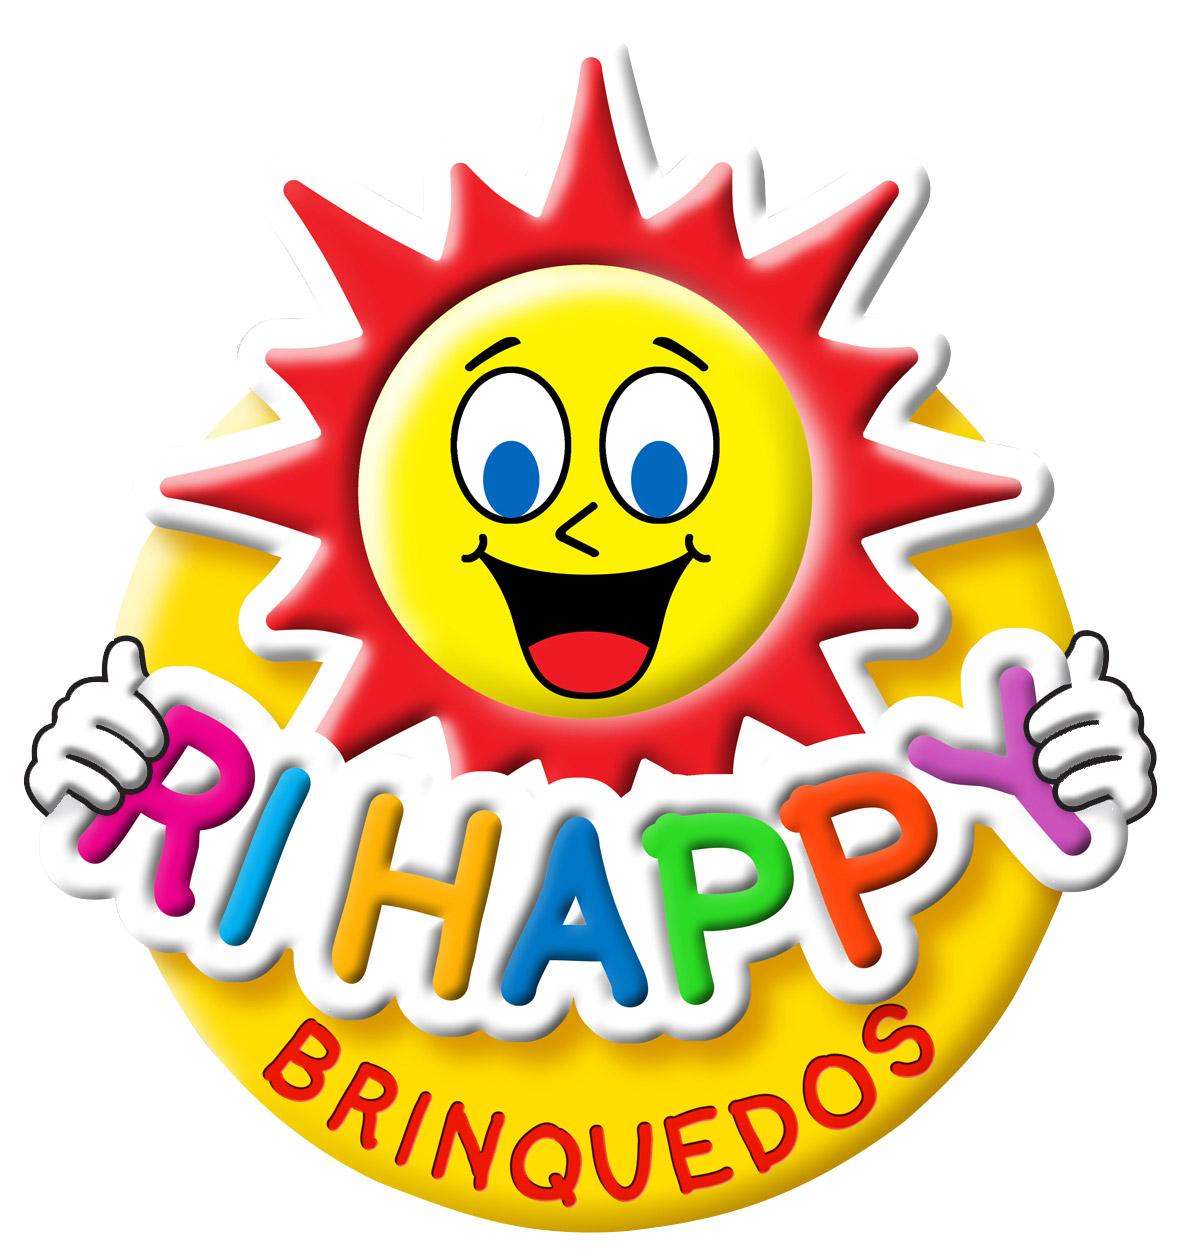 RiHappy